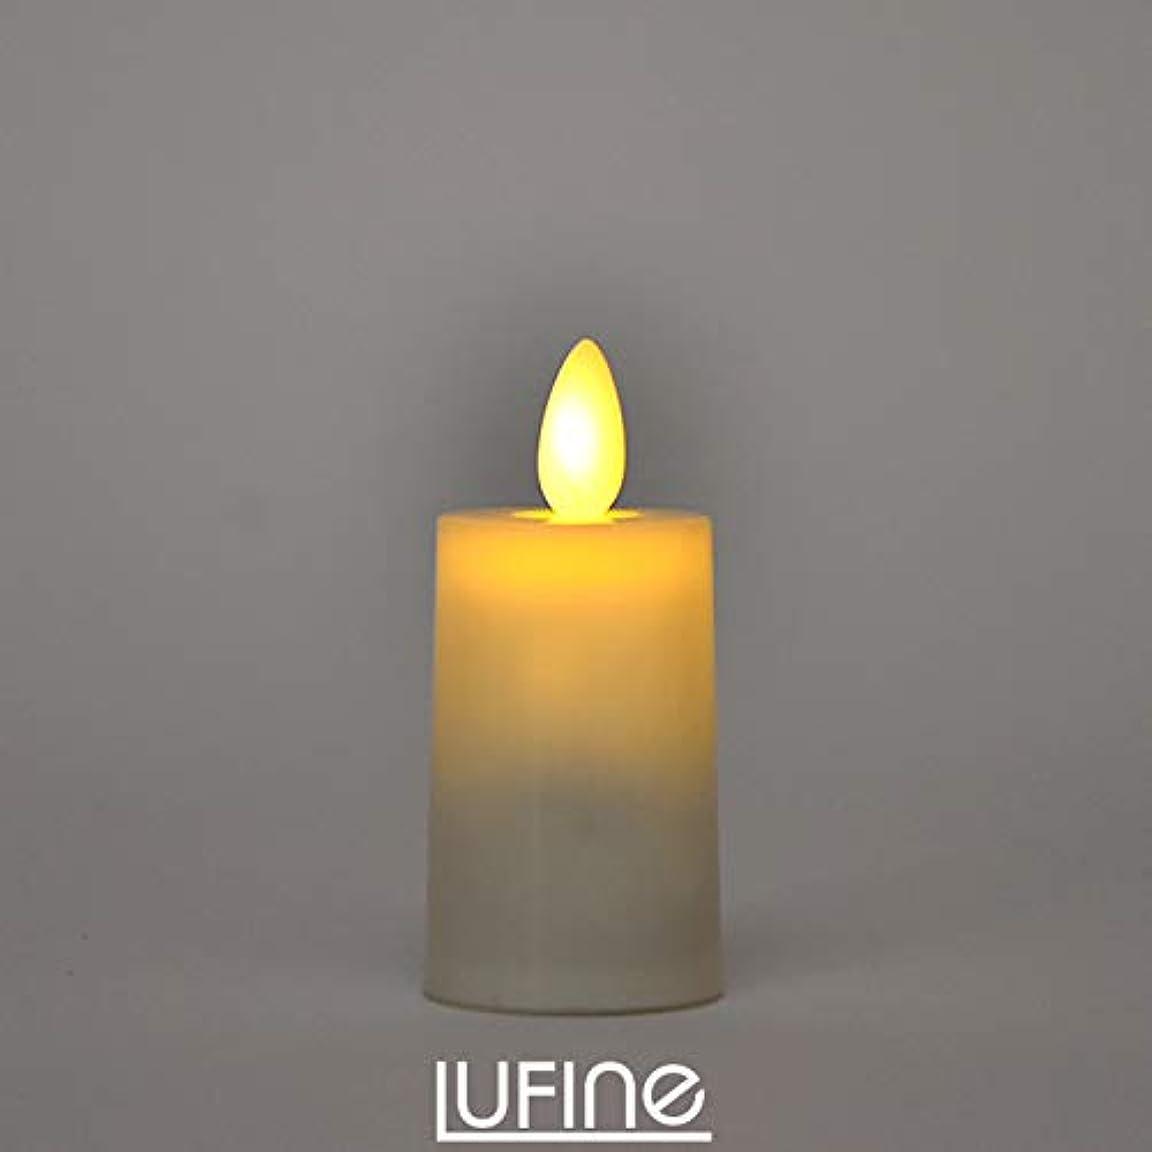 クリップと遊ぶマガジンLUFINE ルフィネ - LEDキャンドル ライト 6個 セット ナチュラル lufine005 ミドル ティーライト キャンドルライト ろうそく ゆらぎ 炎 ナイトライト インテリア 部屋 装飾 おしゃれ